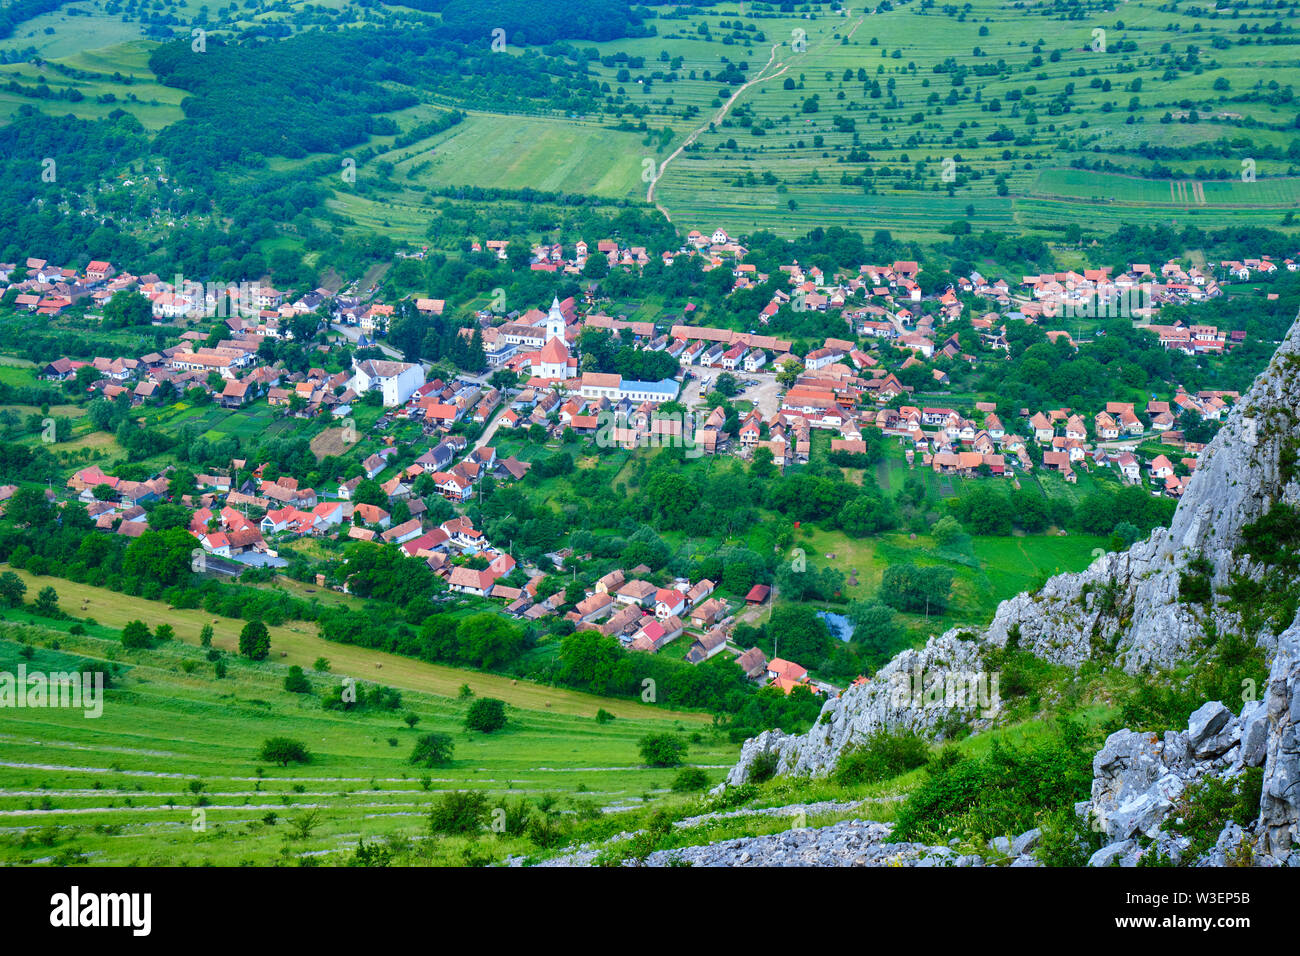 Rimetea village seen from a rock climbing route, part of Rimetea Climbing Open (RICO), in Trascau Mountains, Romania. Church and traditional Transylva - Stock Image